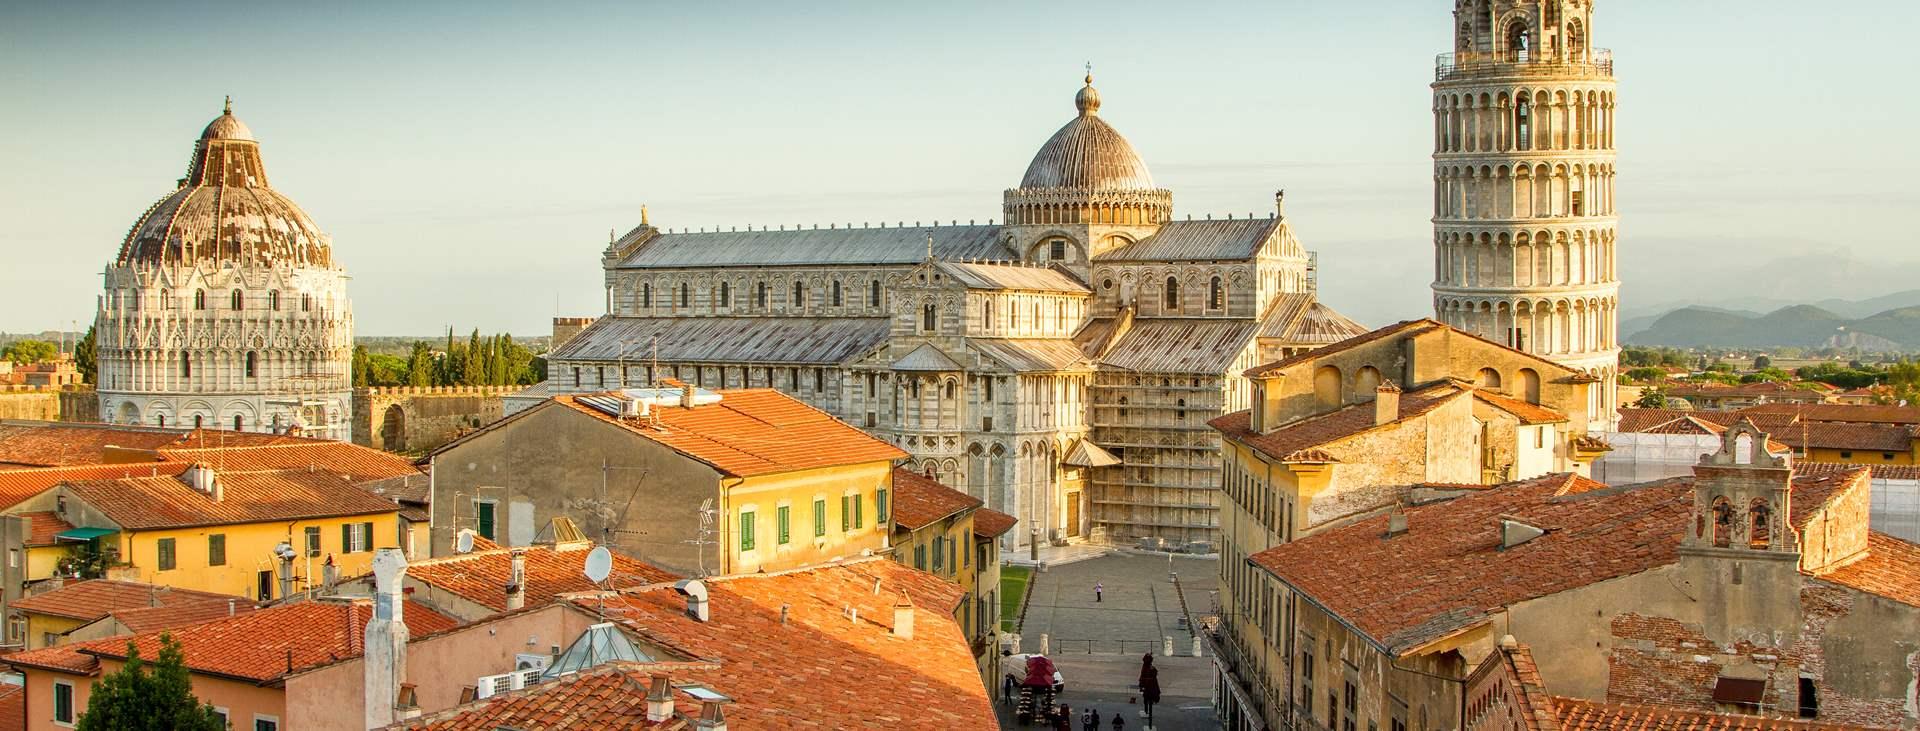 Resor till Pisa i Italien